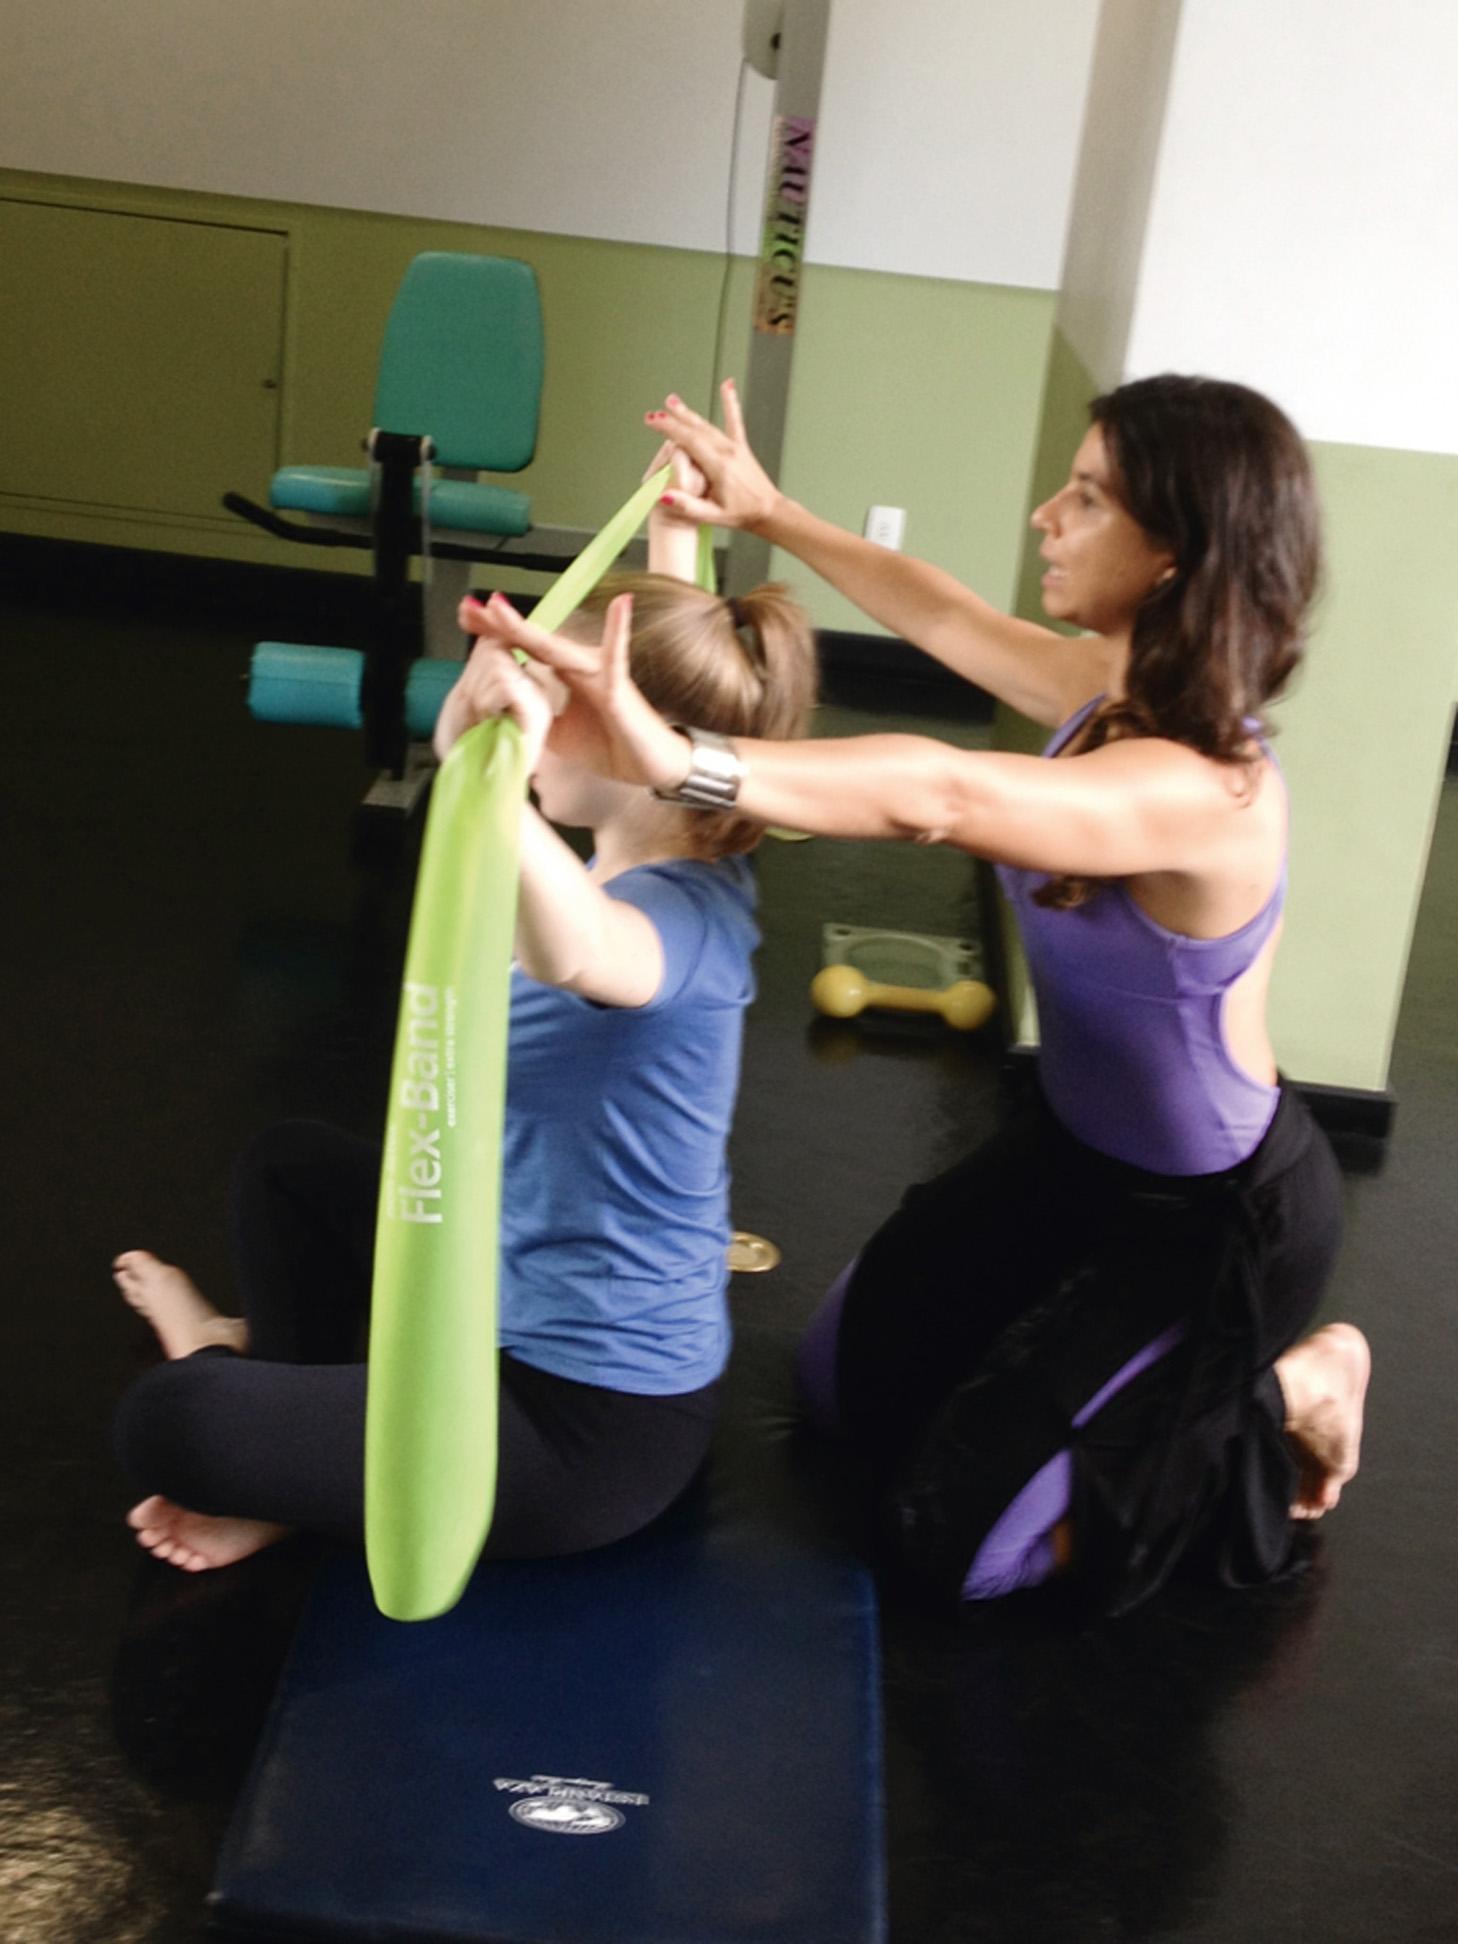 """11:00 - """"Pilates na academia do hotel com Bianca Andreoli, amiga de O Mágico de Oz."""""""